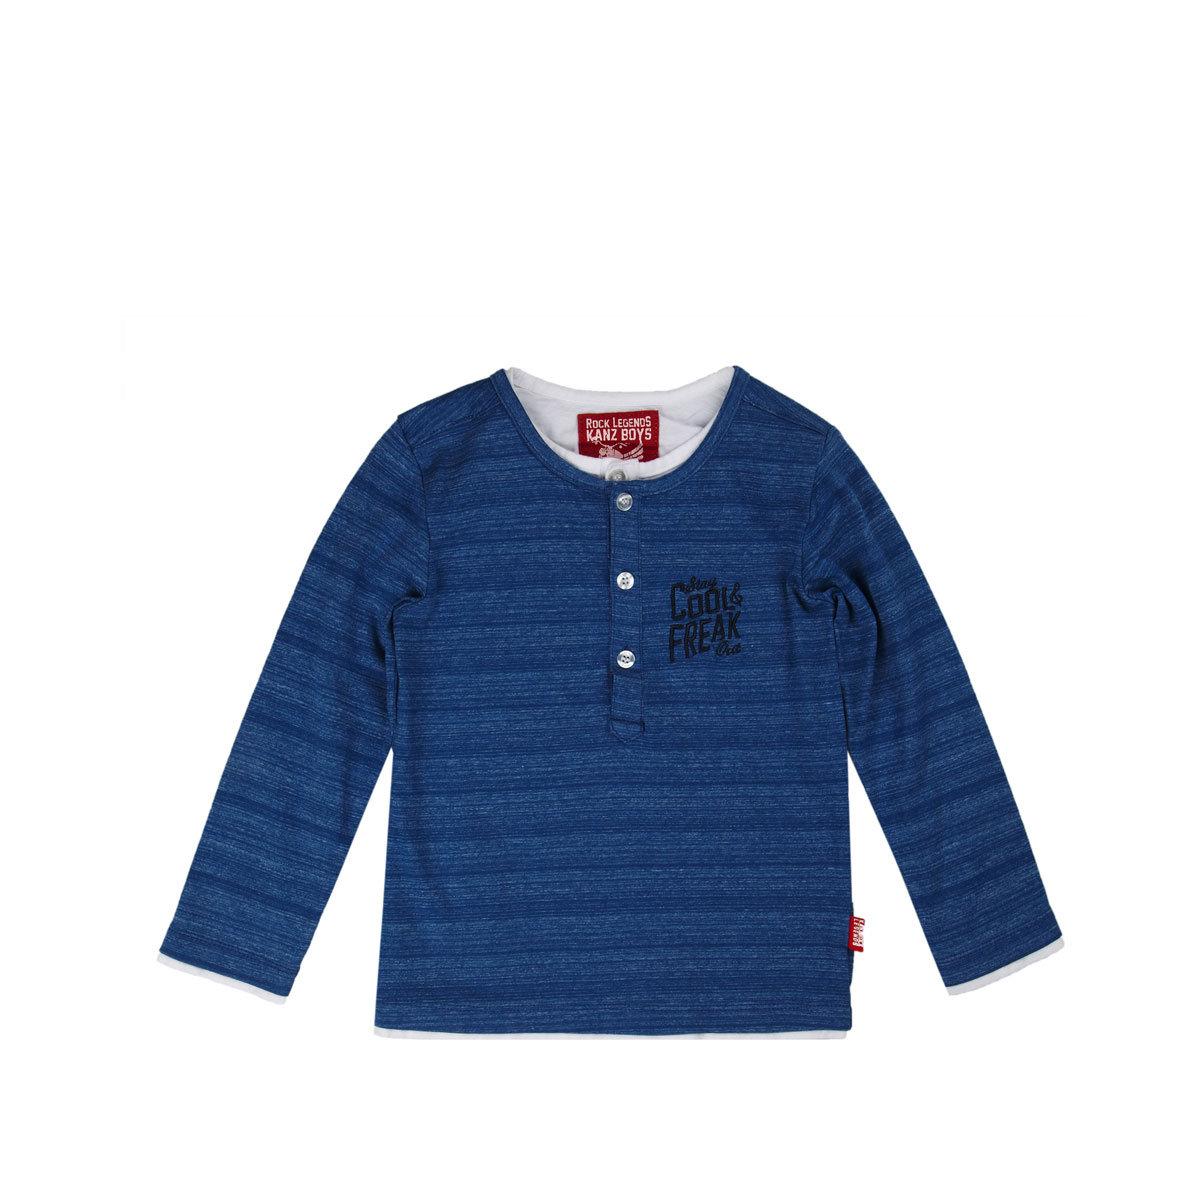 Kanz, Koszula chłopięca z długim rękawem, rozmiar 98 Kanz